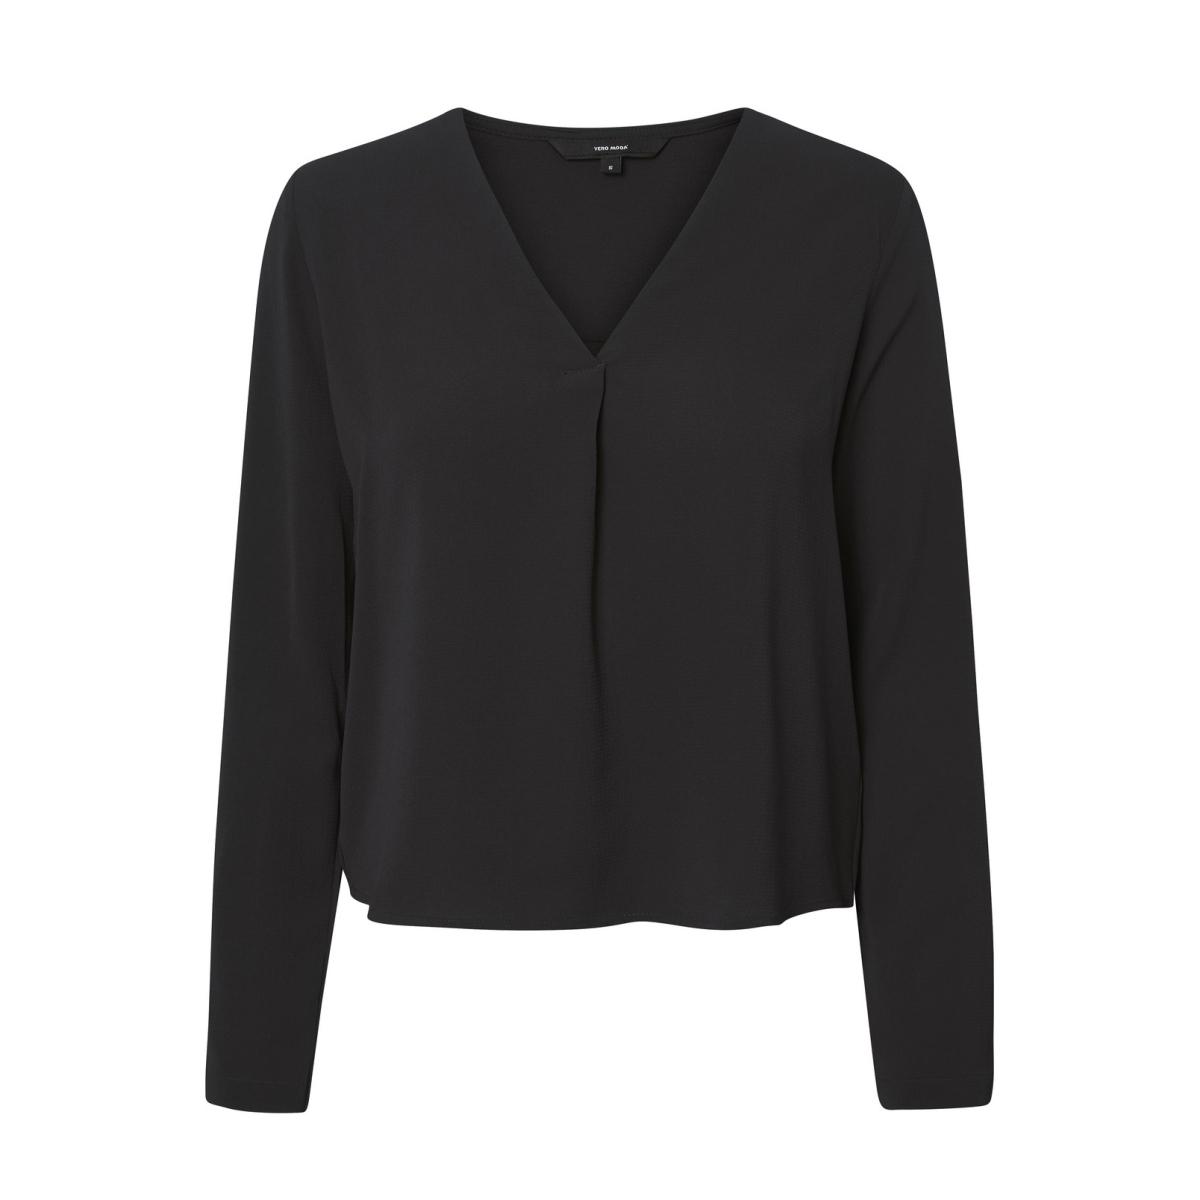 vmsachi 3/4 top a 10188108 vero moda blouse black